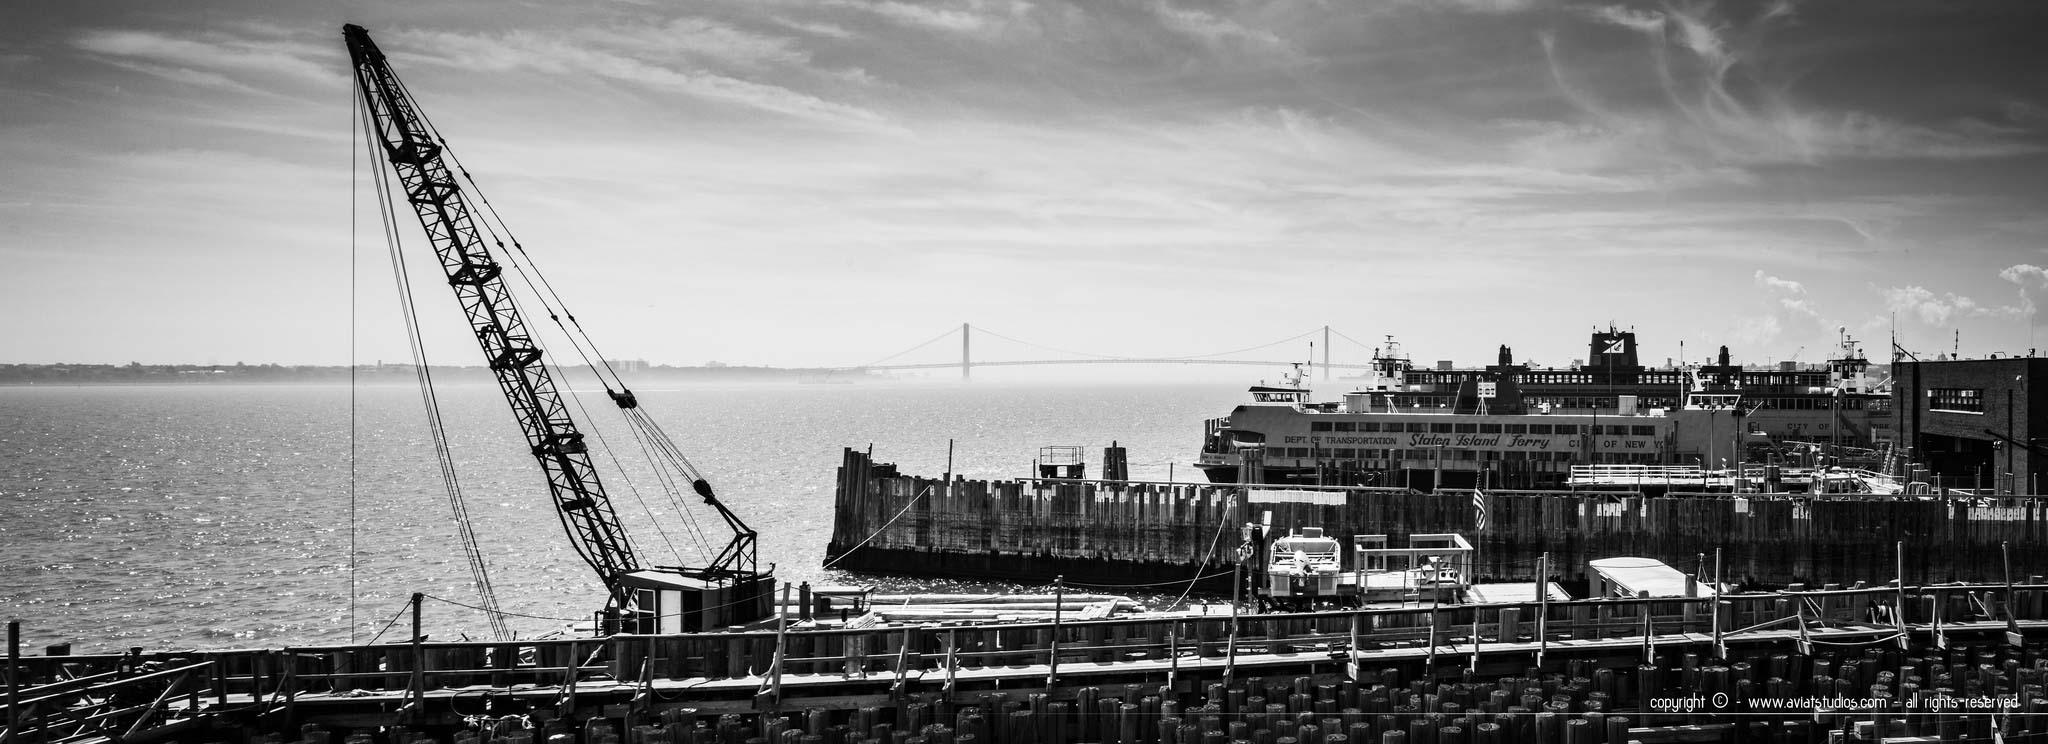 Un week-end à New-York - Les quais du Staten Island Ferry en noir et blanc